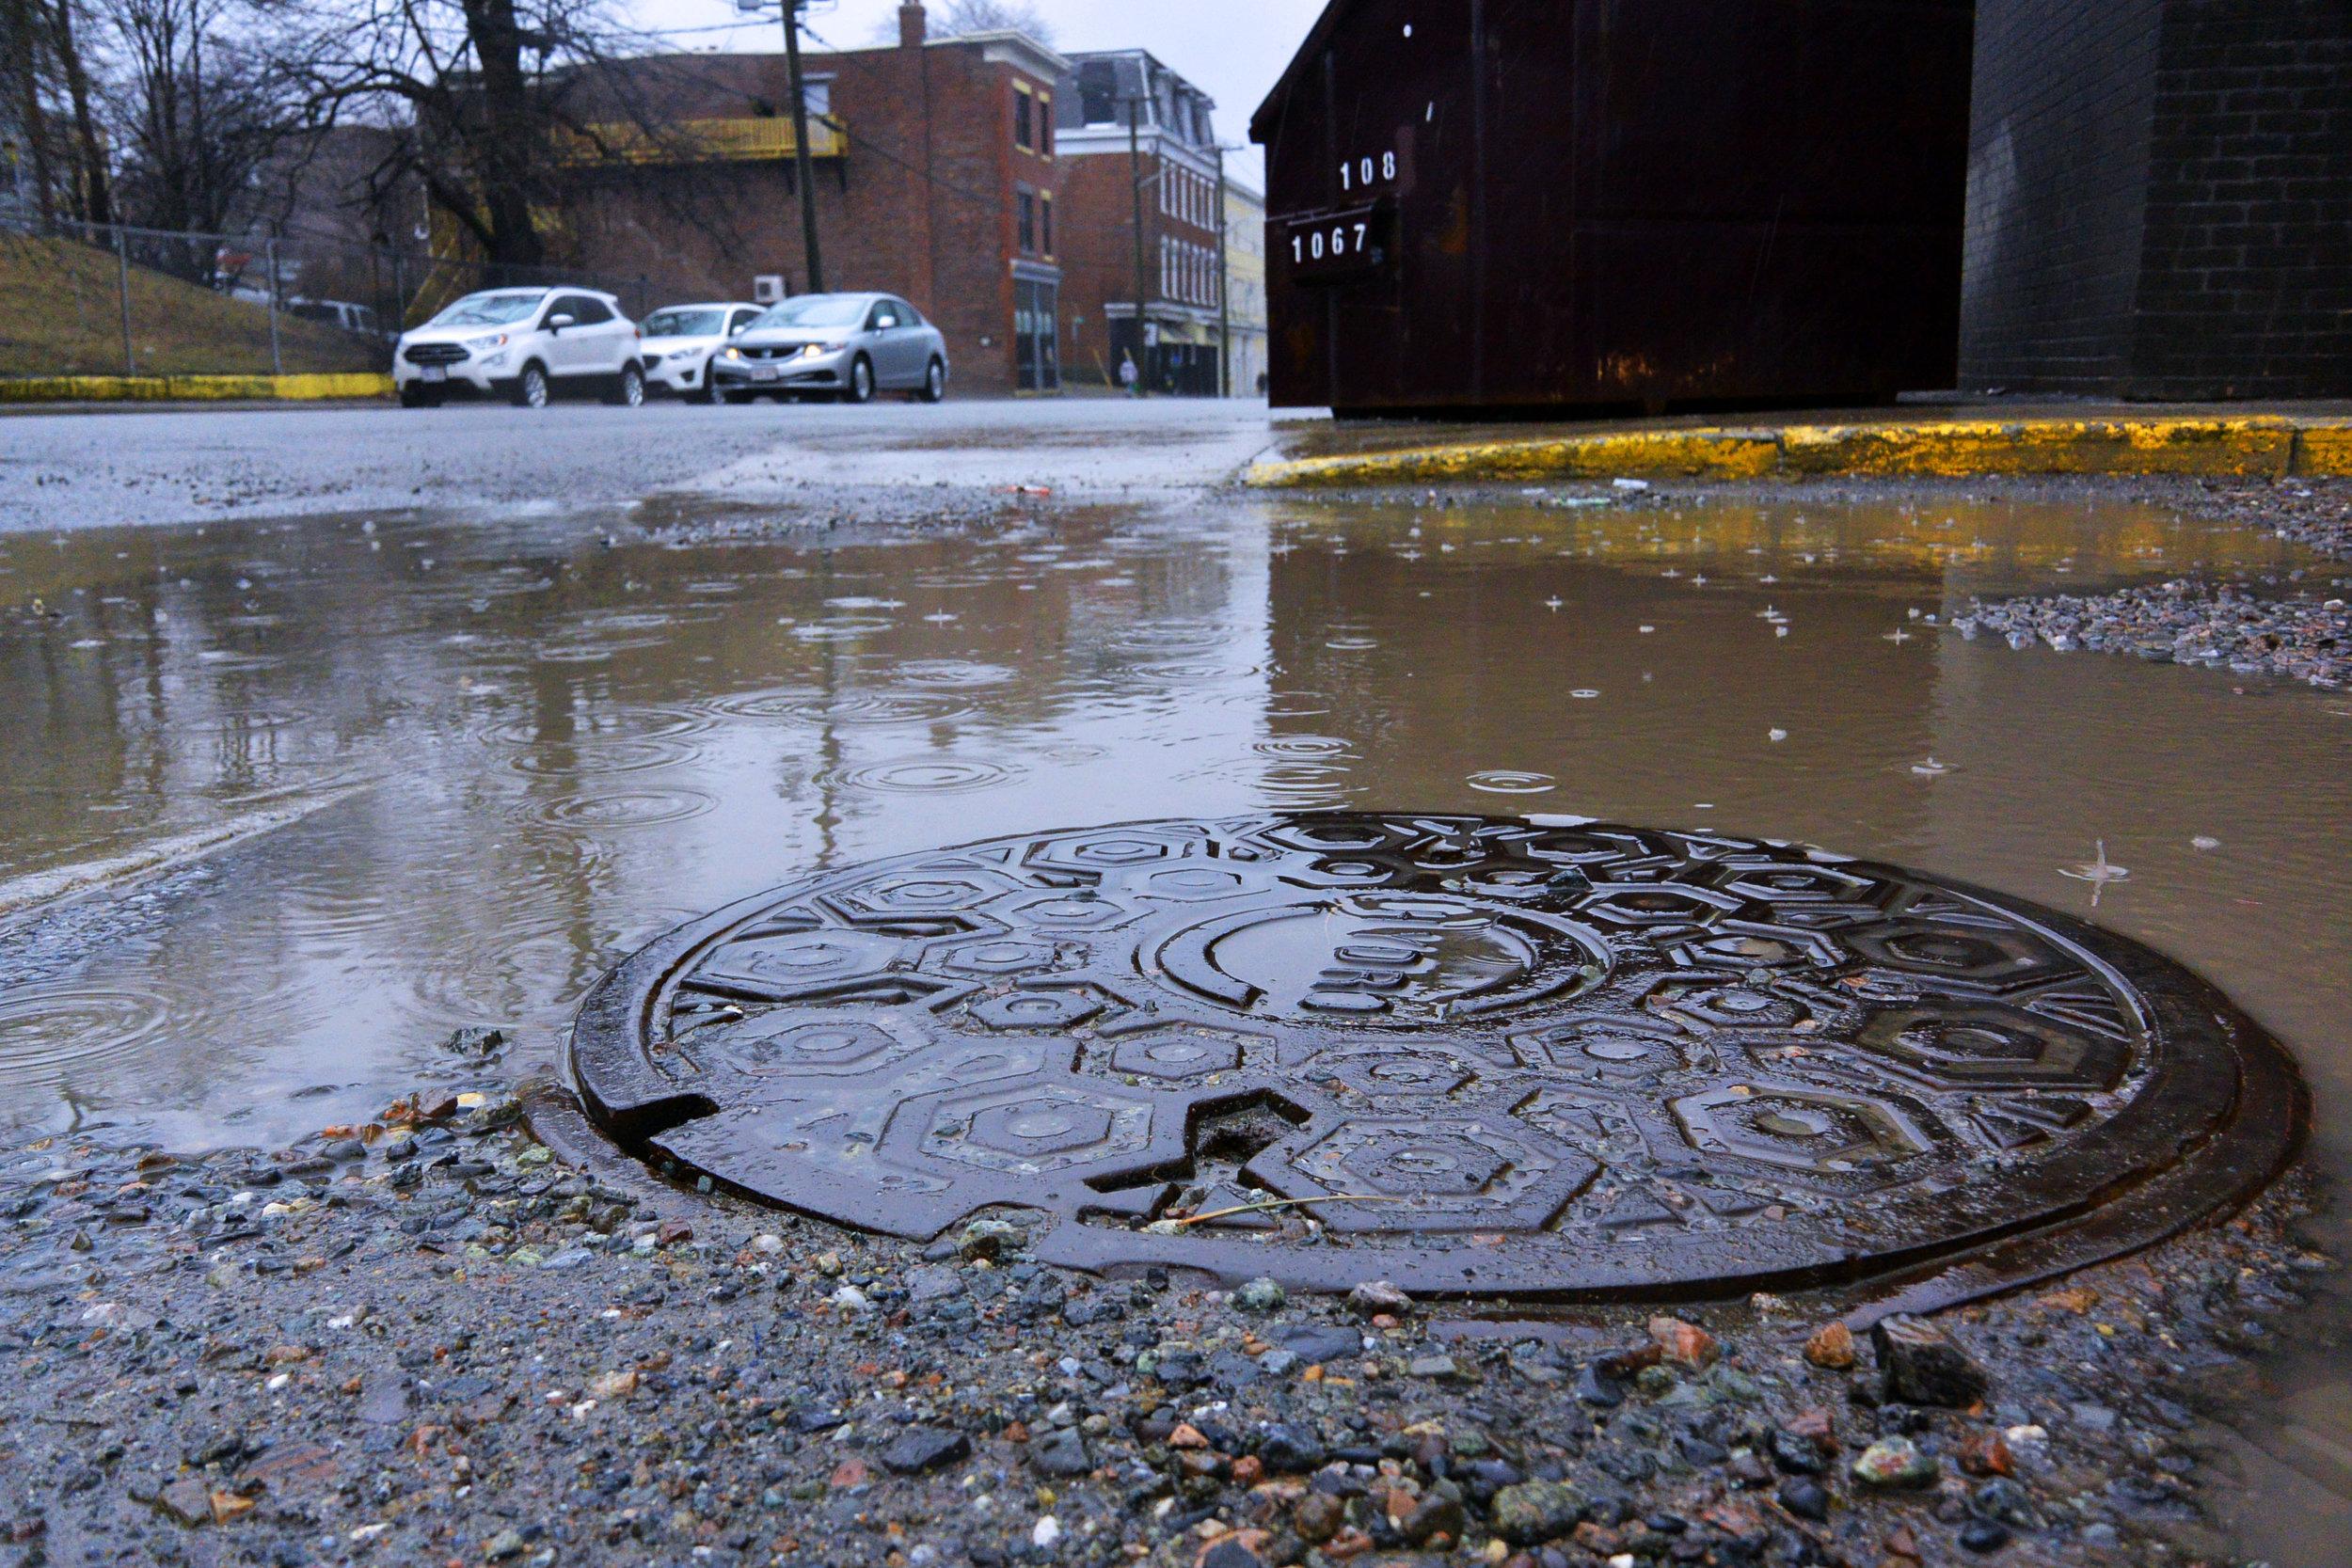 Storm water in a parking lot in Saint John